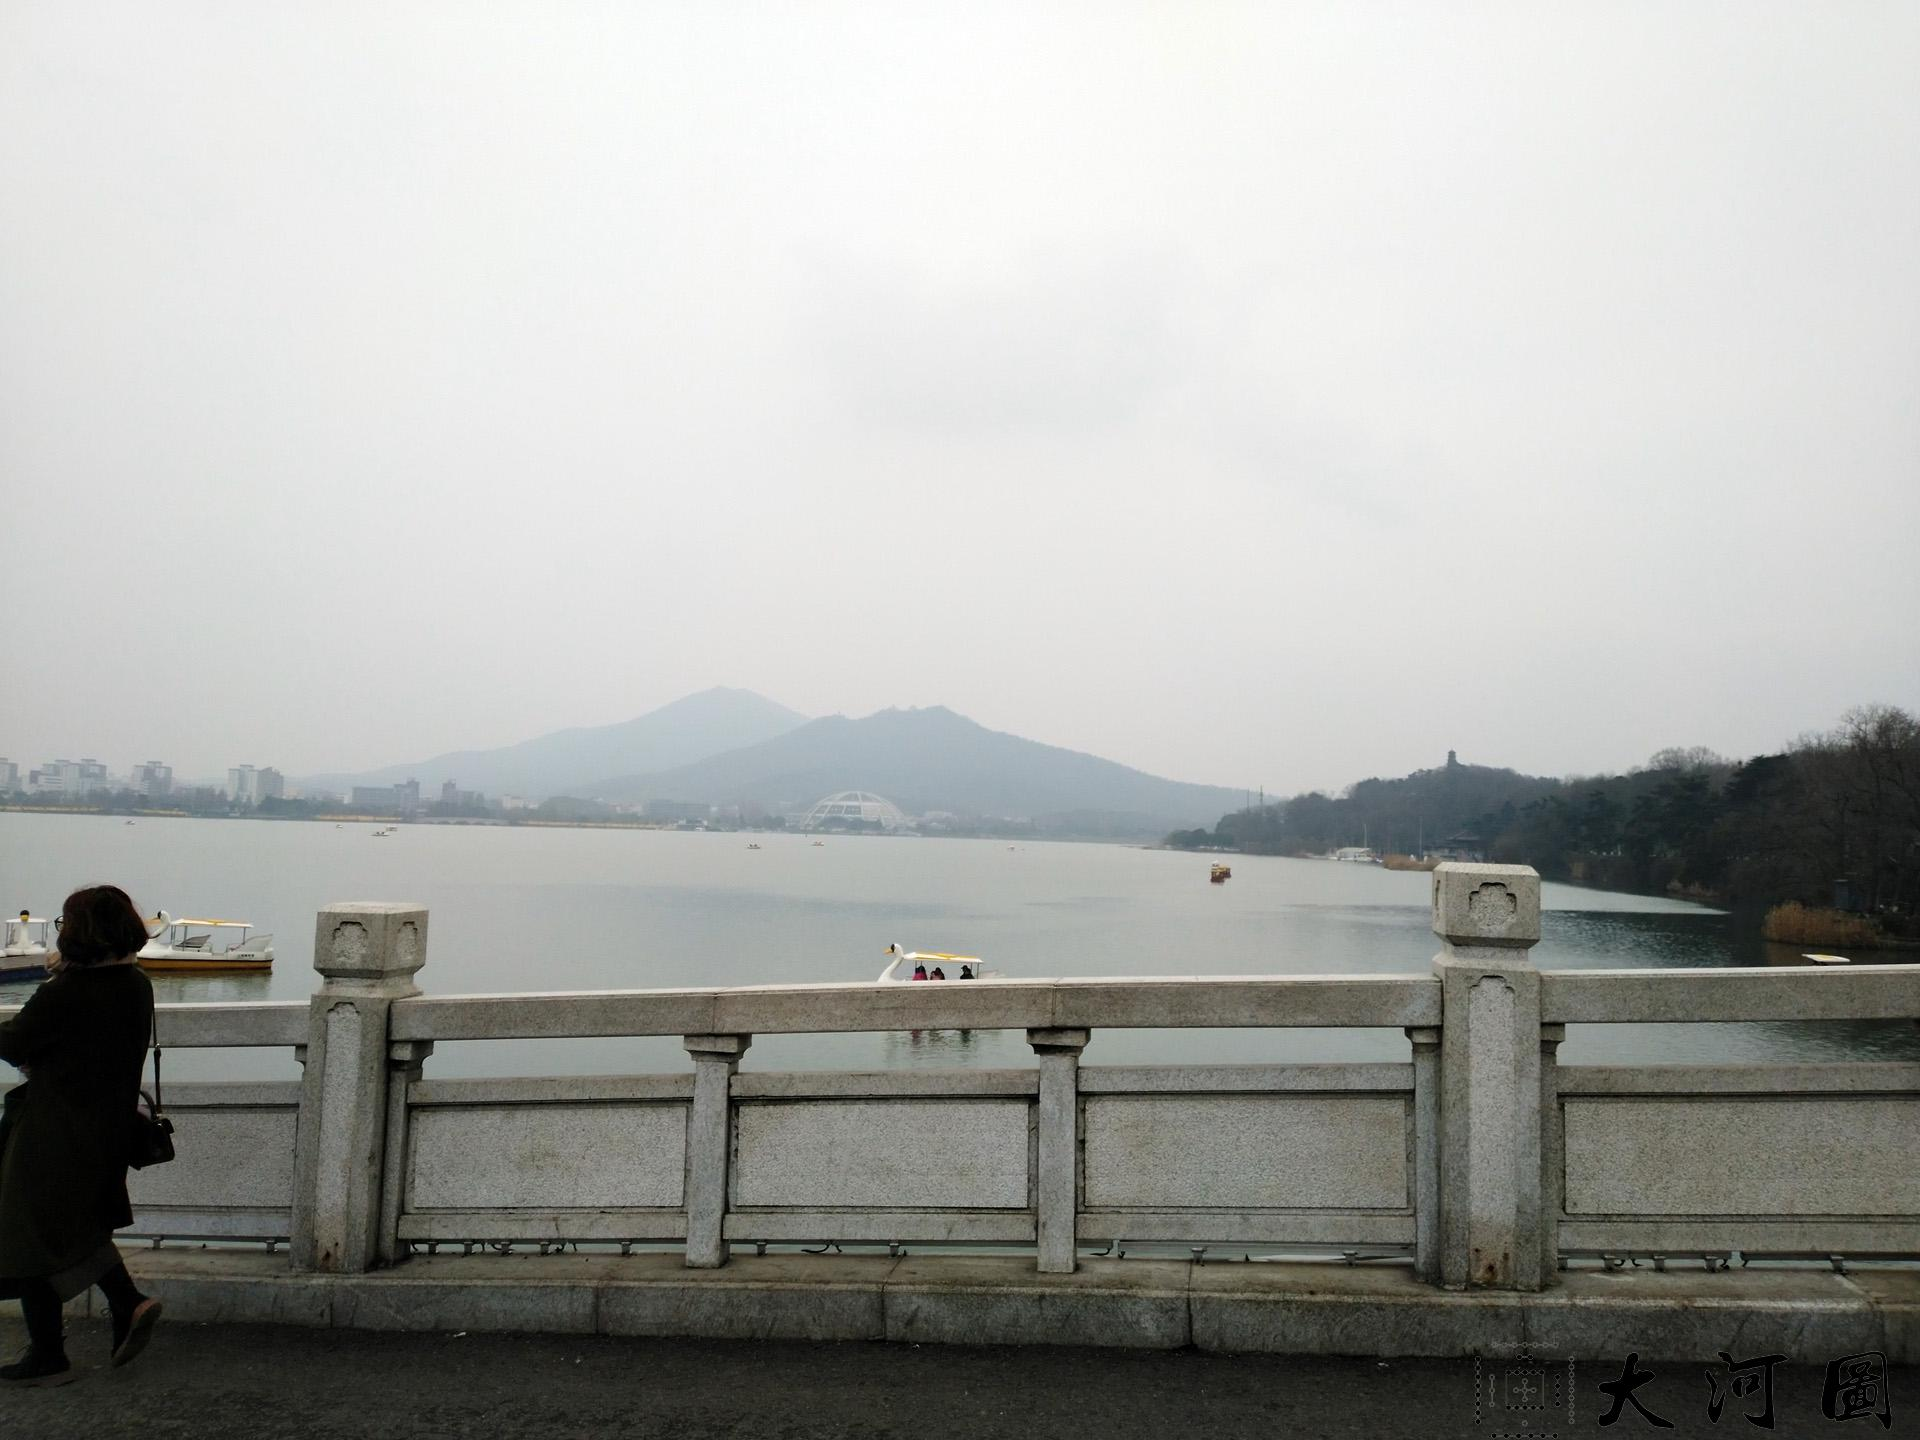 2019年3月的南京玄武湖公园之旅 摄影 第12张